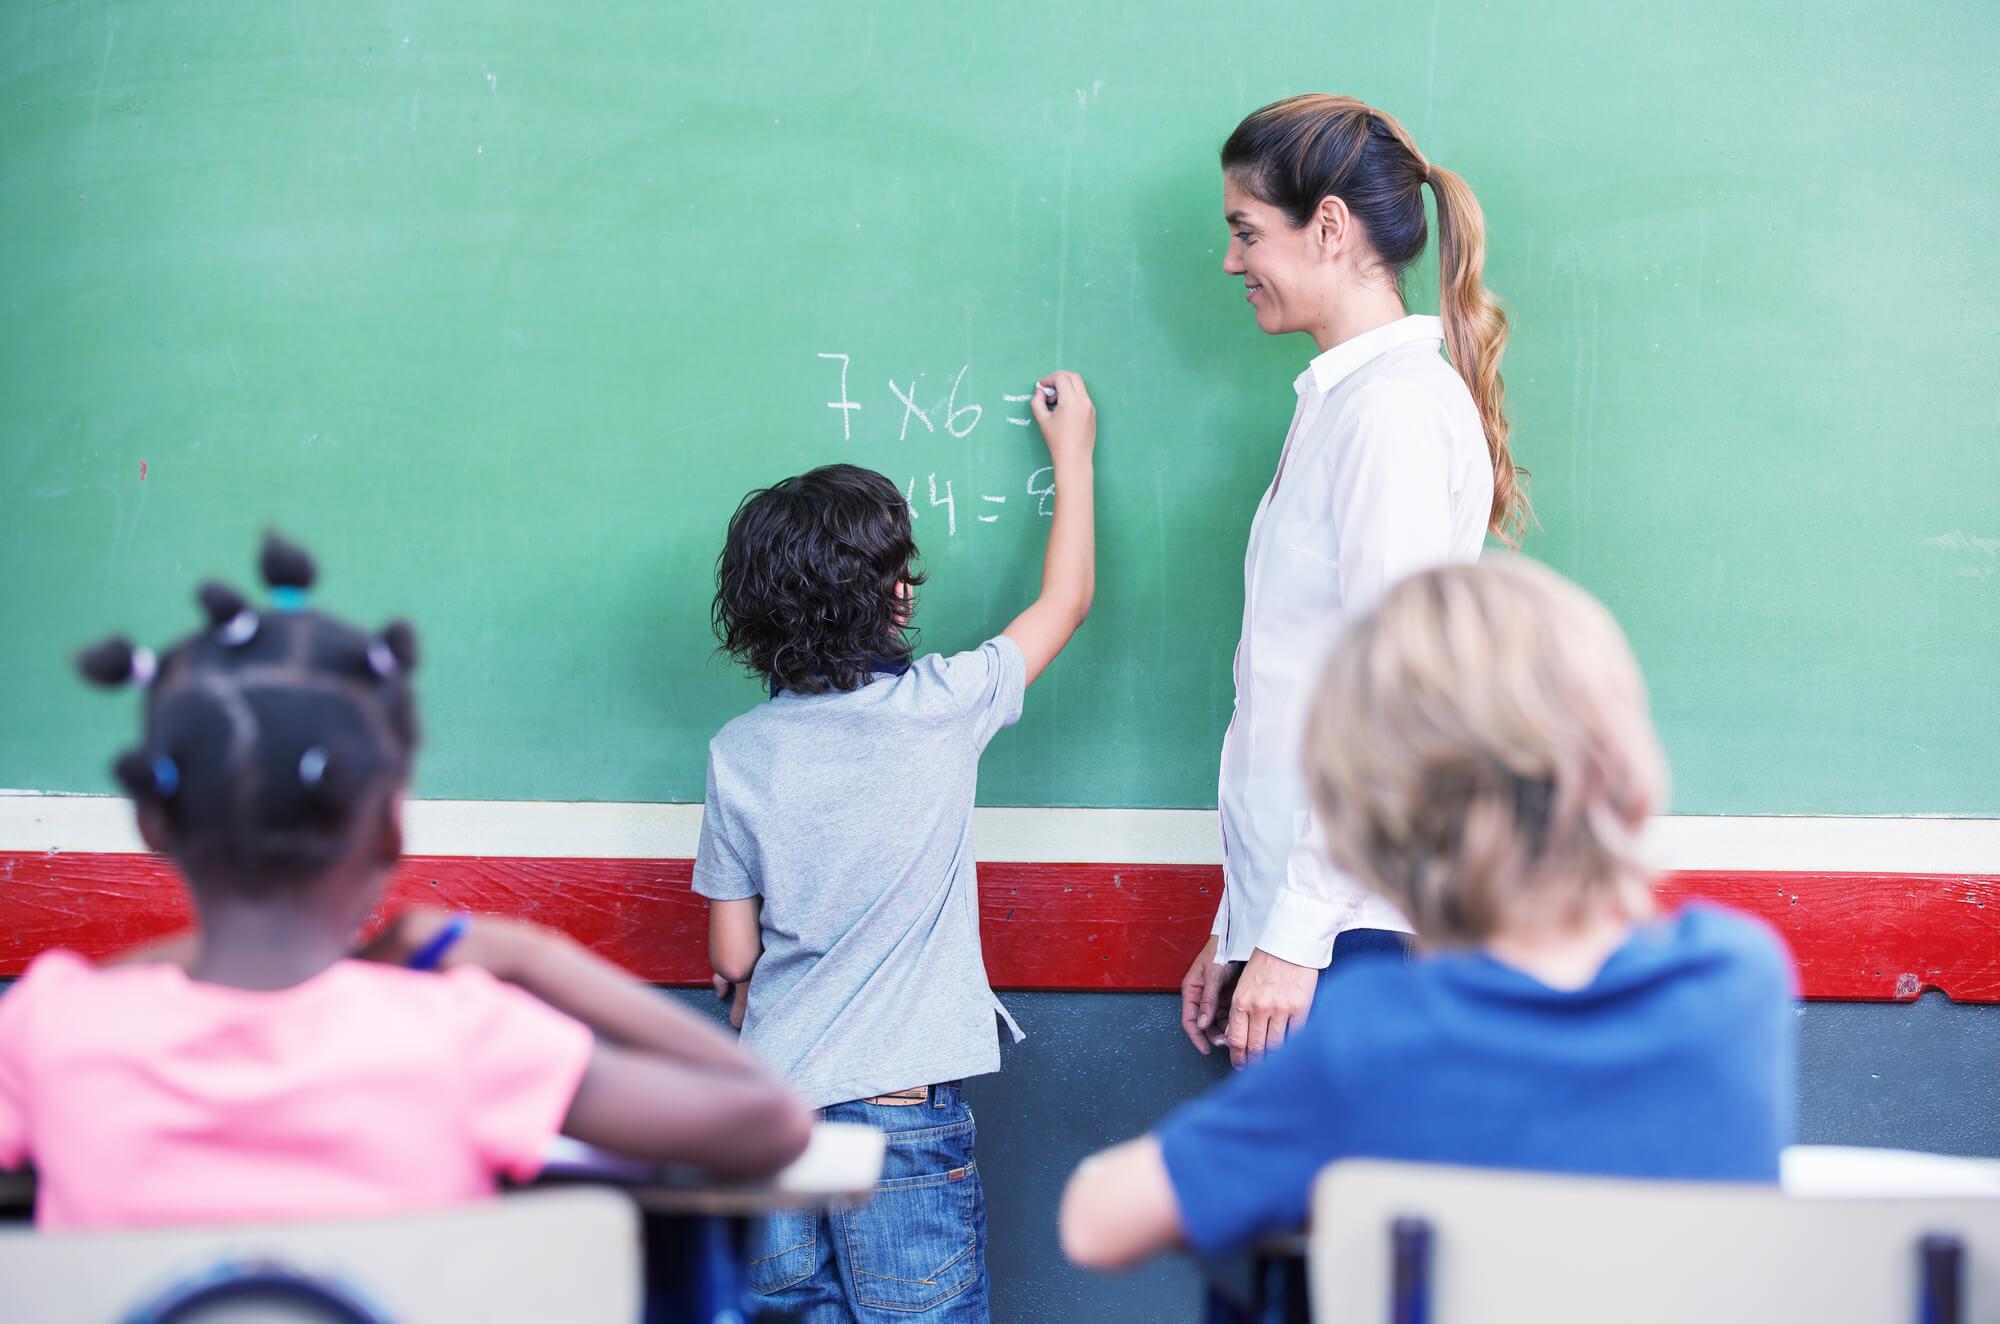 63025-confira-as-3-tendencias-pedagogicas-para-2017